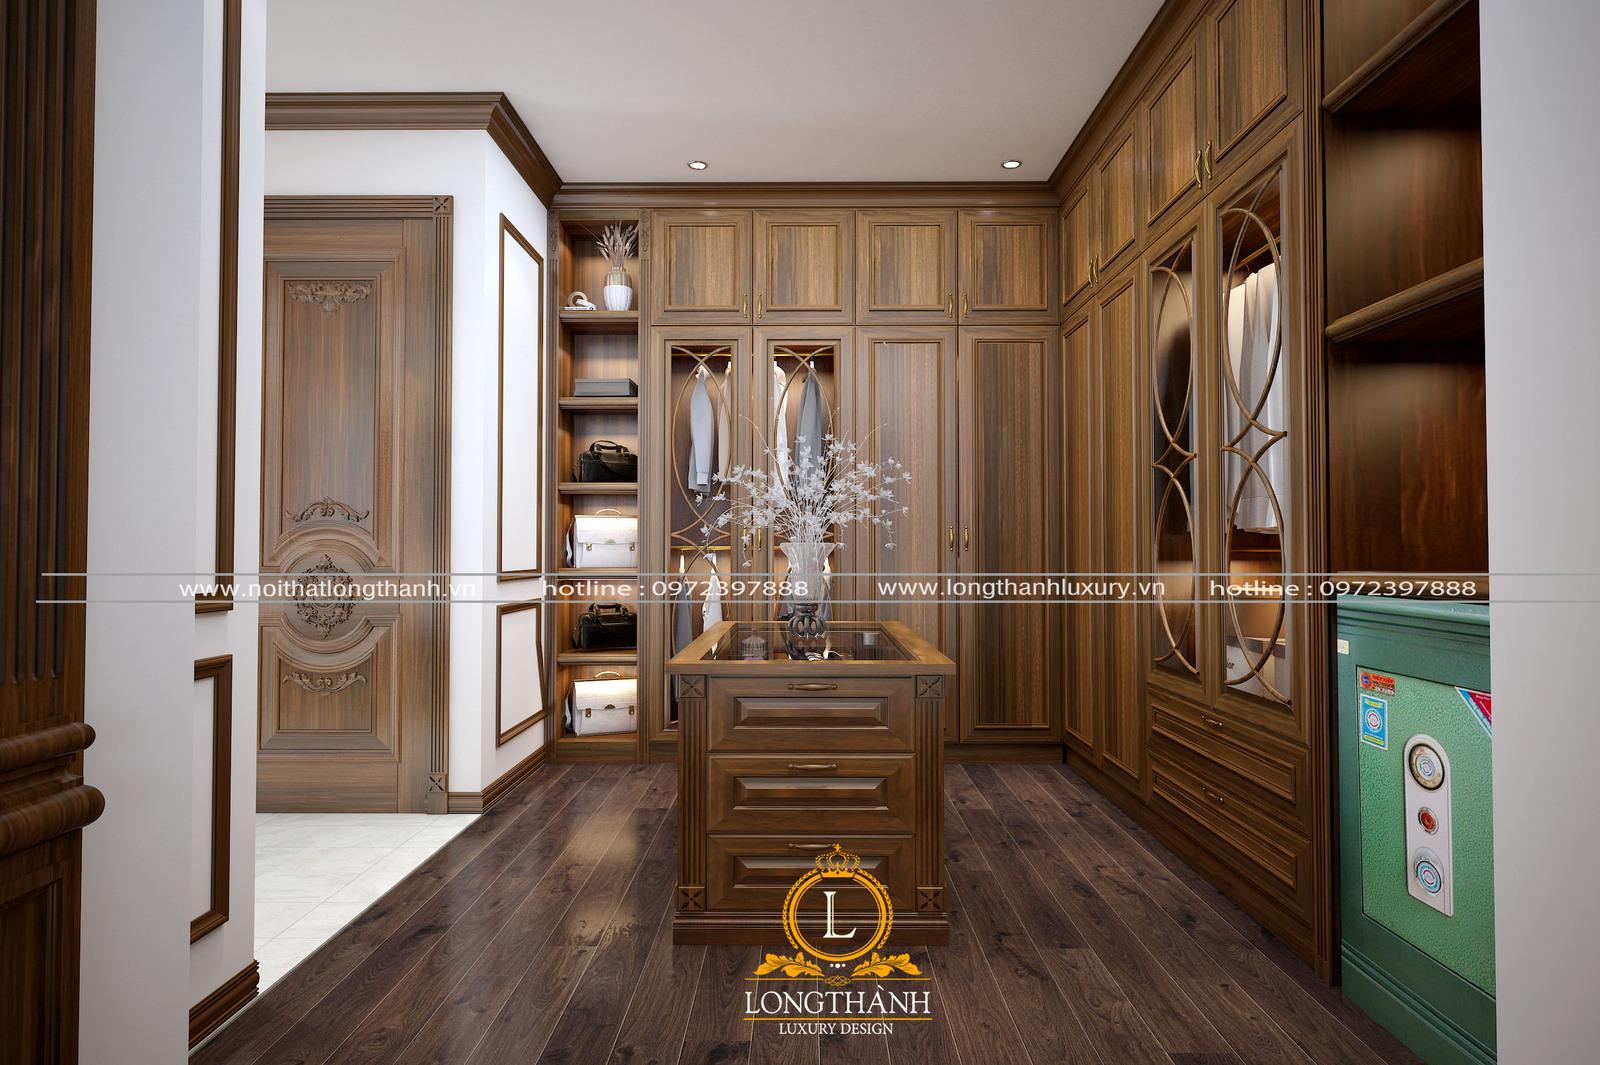 Thiết kế tủ quần áo gỗ tự nhiên cao cấp sang trọng